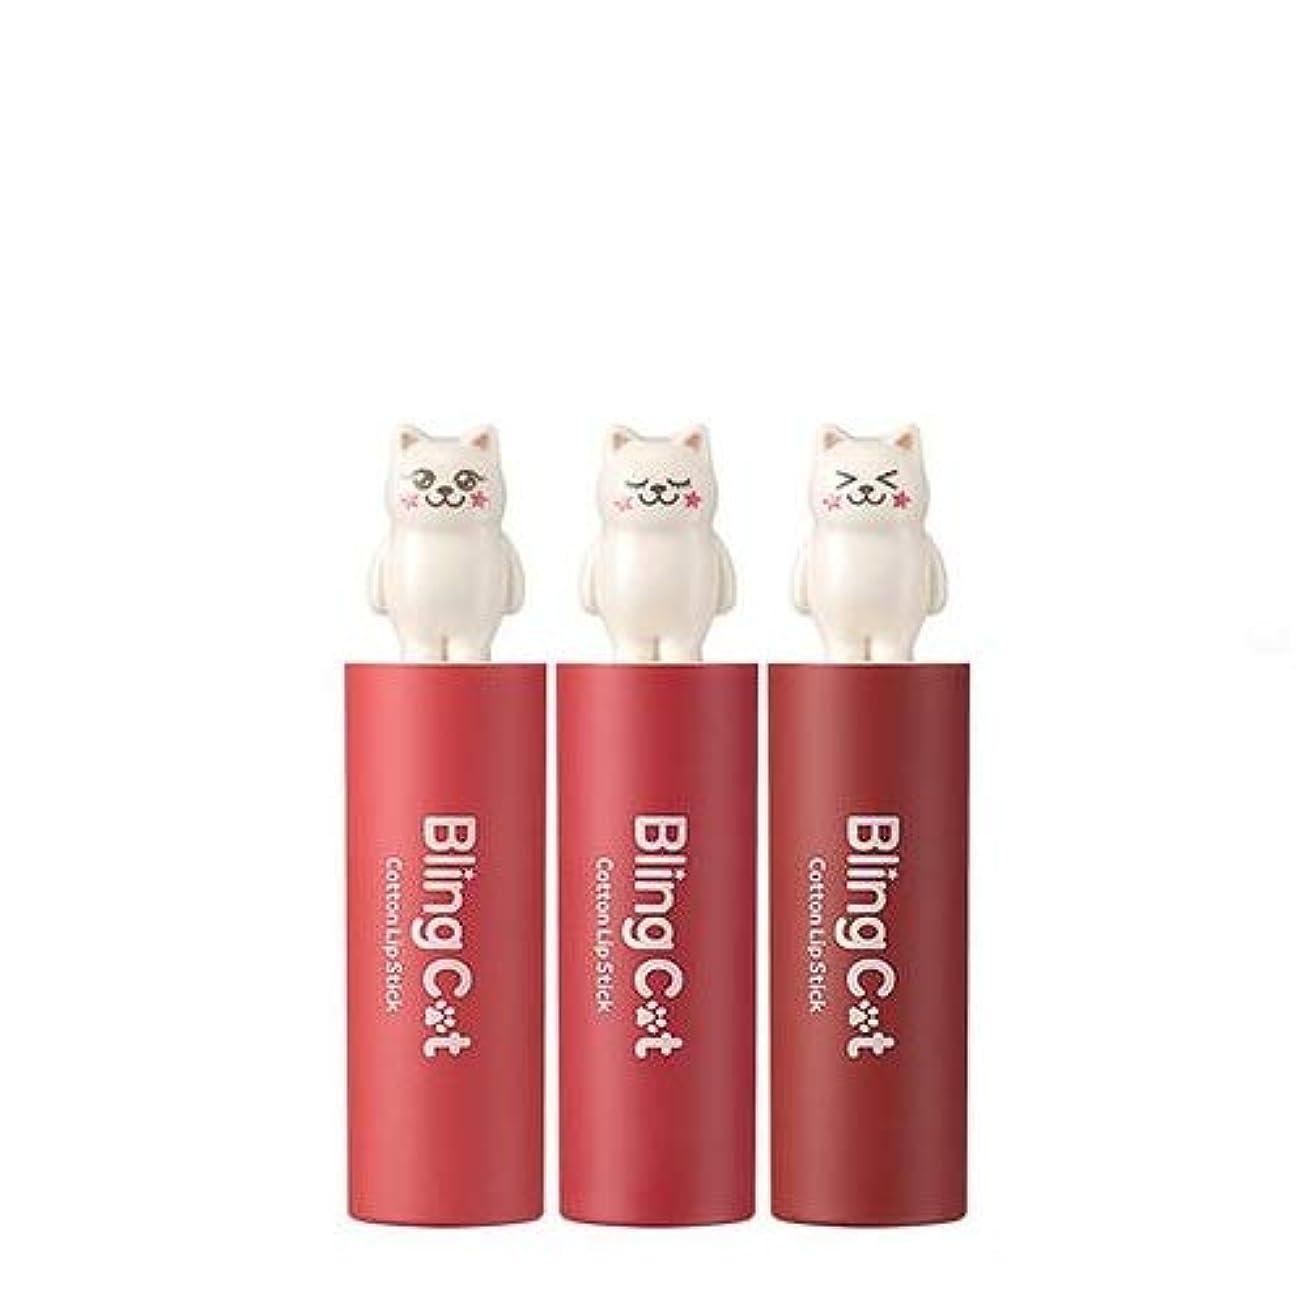 体細胞可愛い脳トニーモリー ブリングキャット コットン リップスティック 3.4g / TONYMOLY Bling Cat Cotton Lipstick # 06. Chic Brick [並行輸入品]